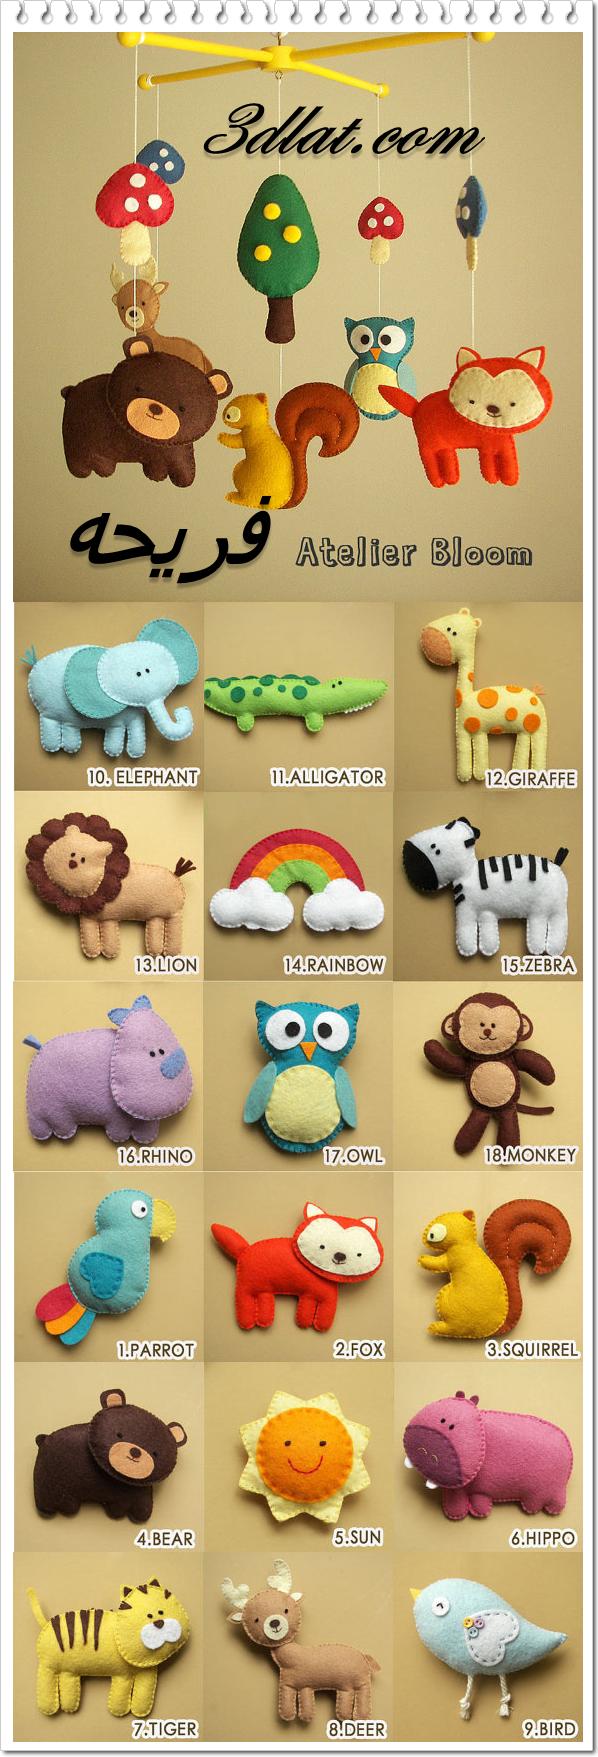 [صور] كيف نصنع علاقات جميله لغرف ألأطفال ,طريقه عمل علاقات من الحيوانات بقماش اللباد 3dlat.com_1409036709